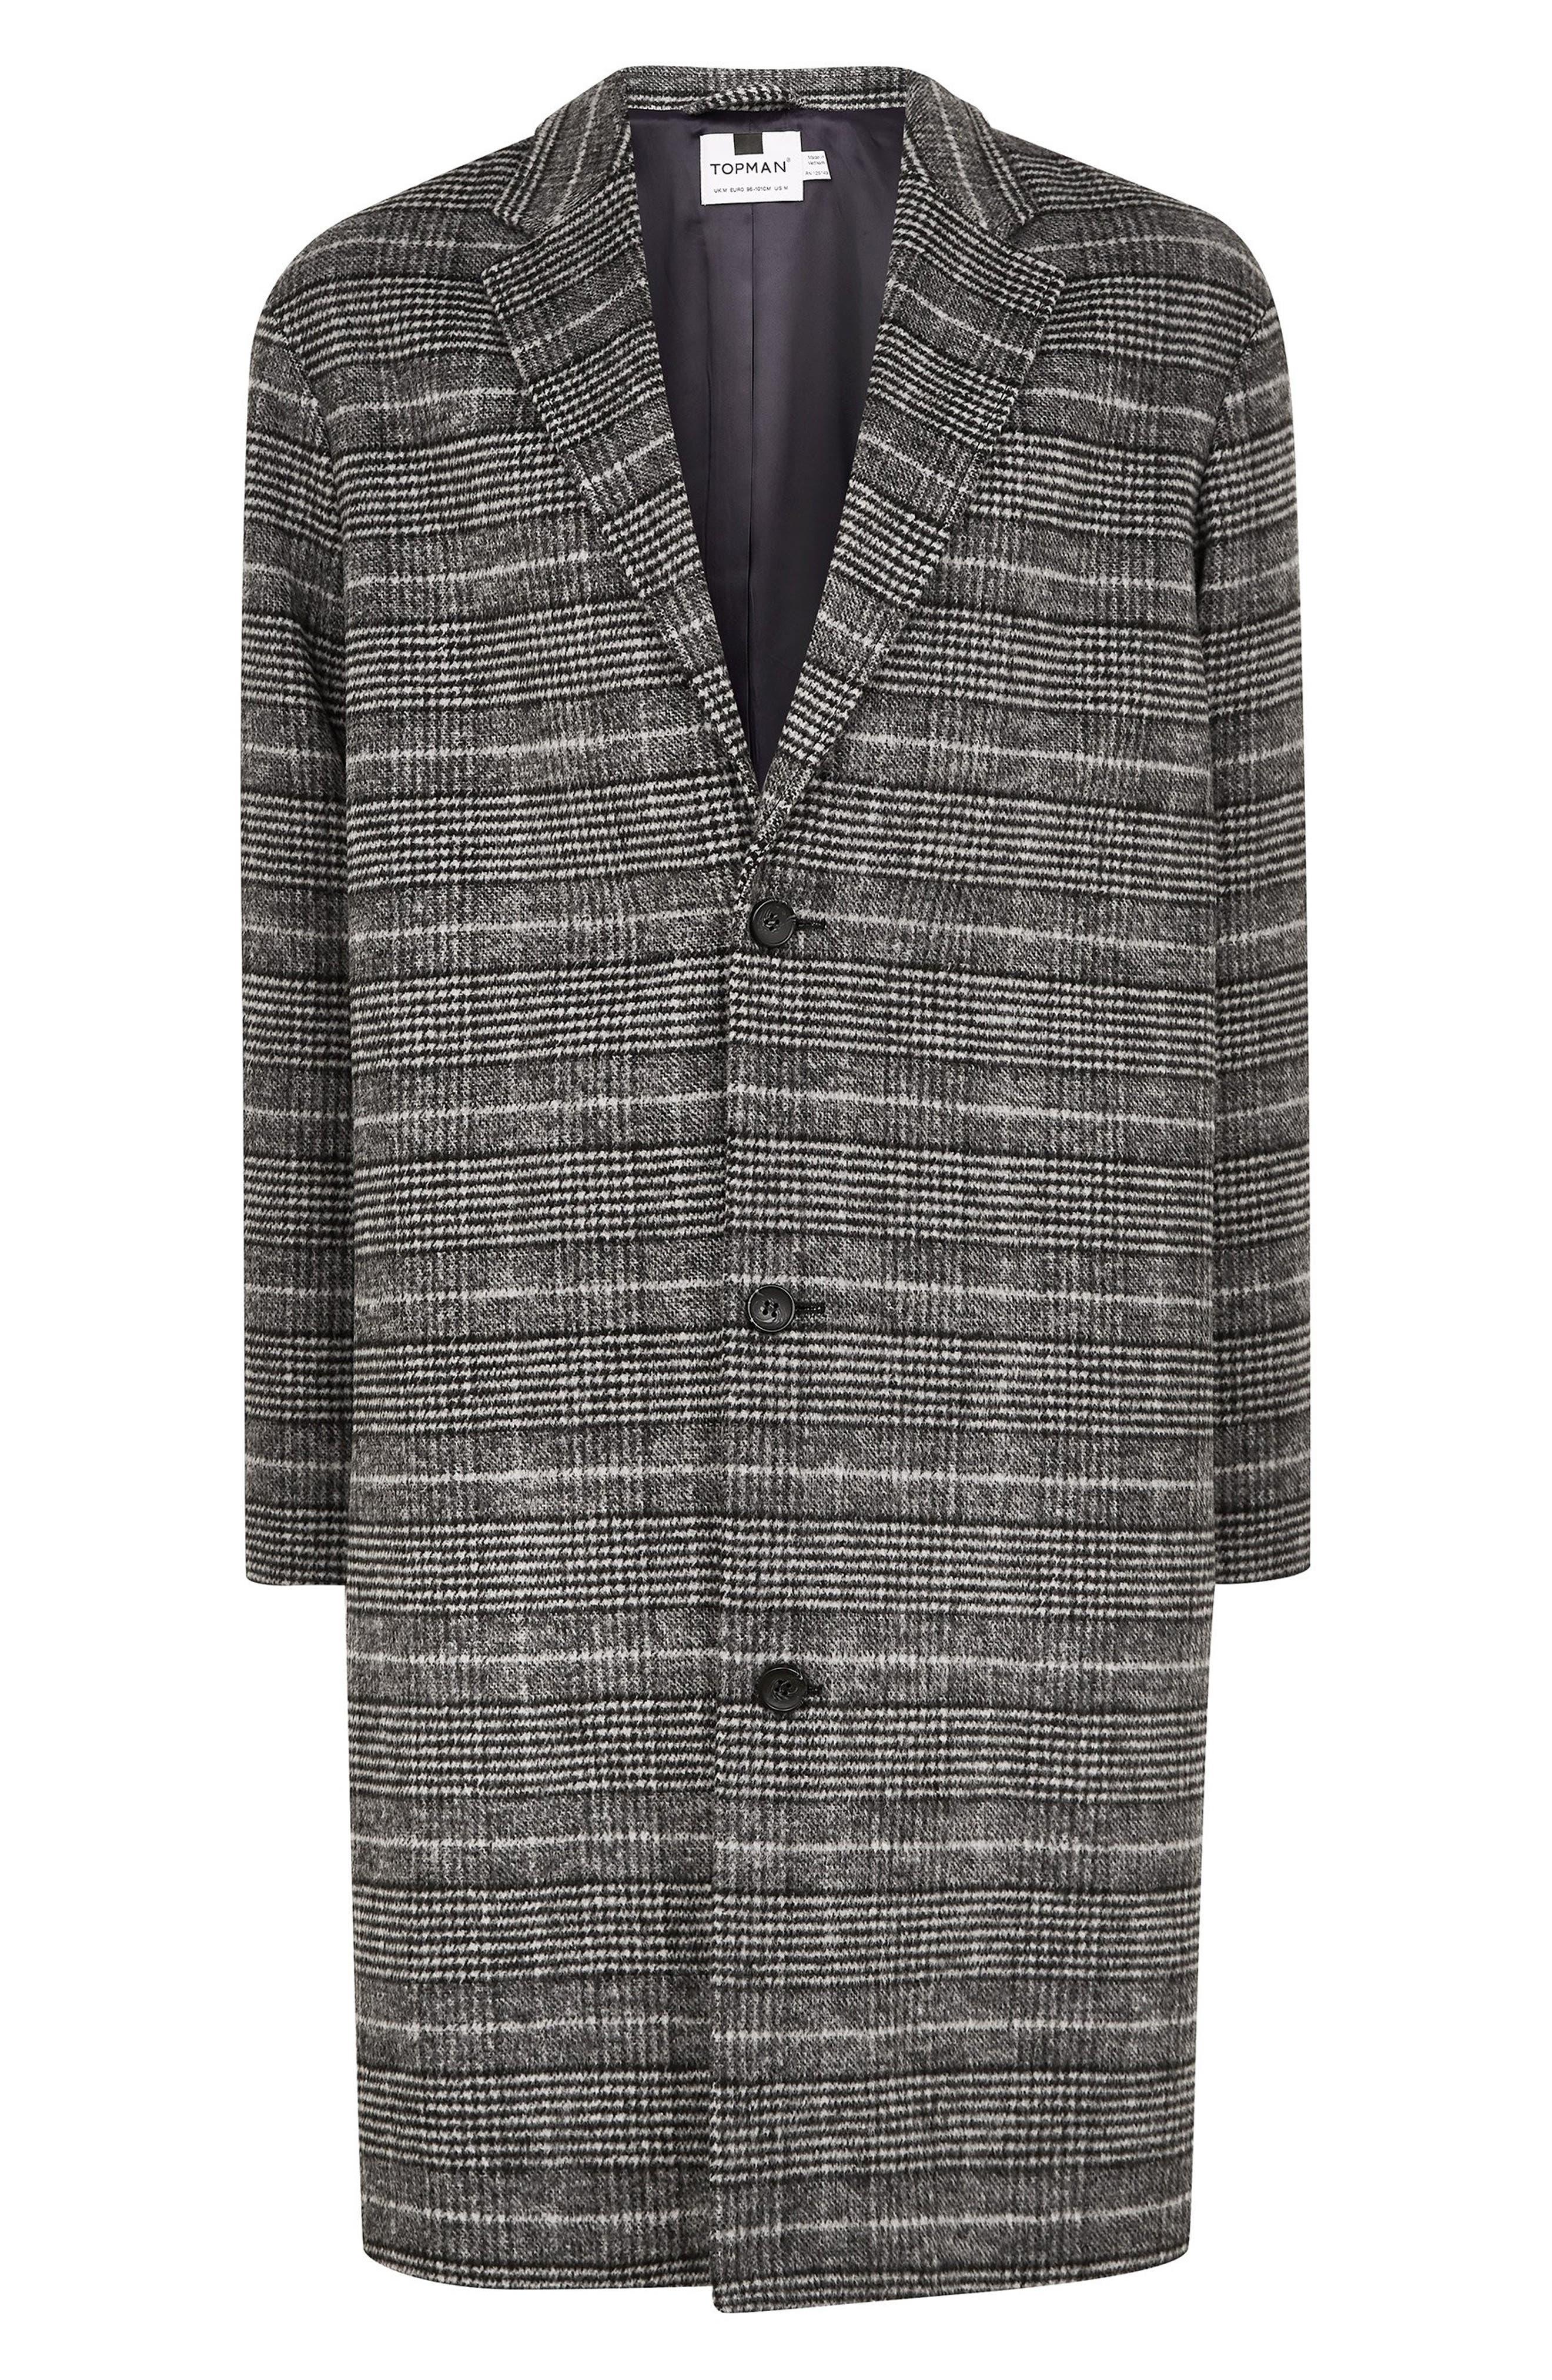 TOPMAN,                             Hayden Check Print Overcoat,                             Alternate thumbnail 4, color,                             020